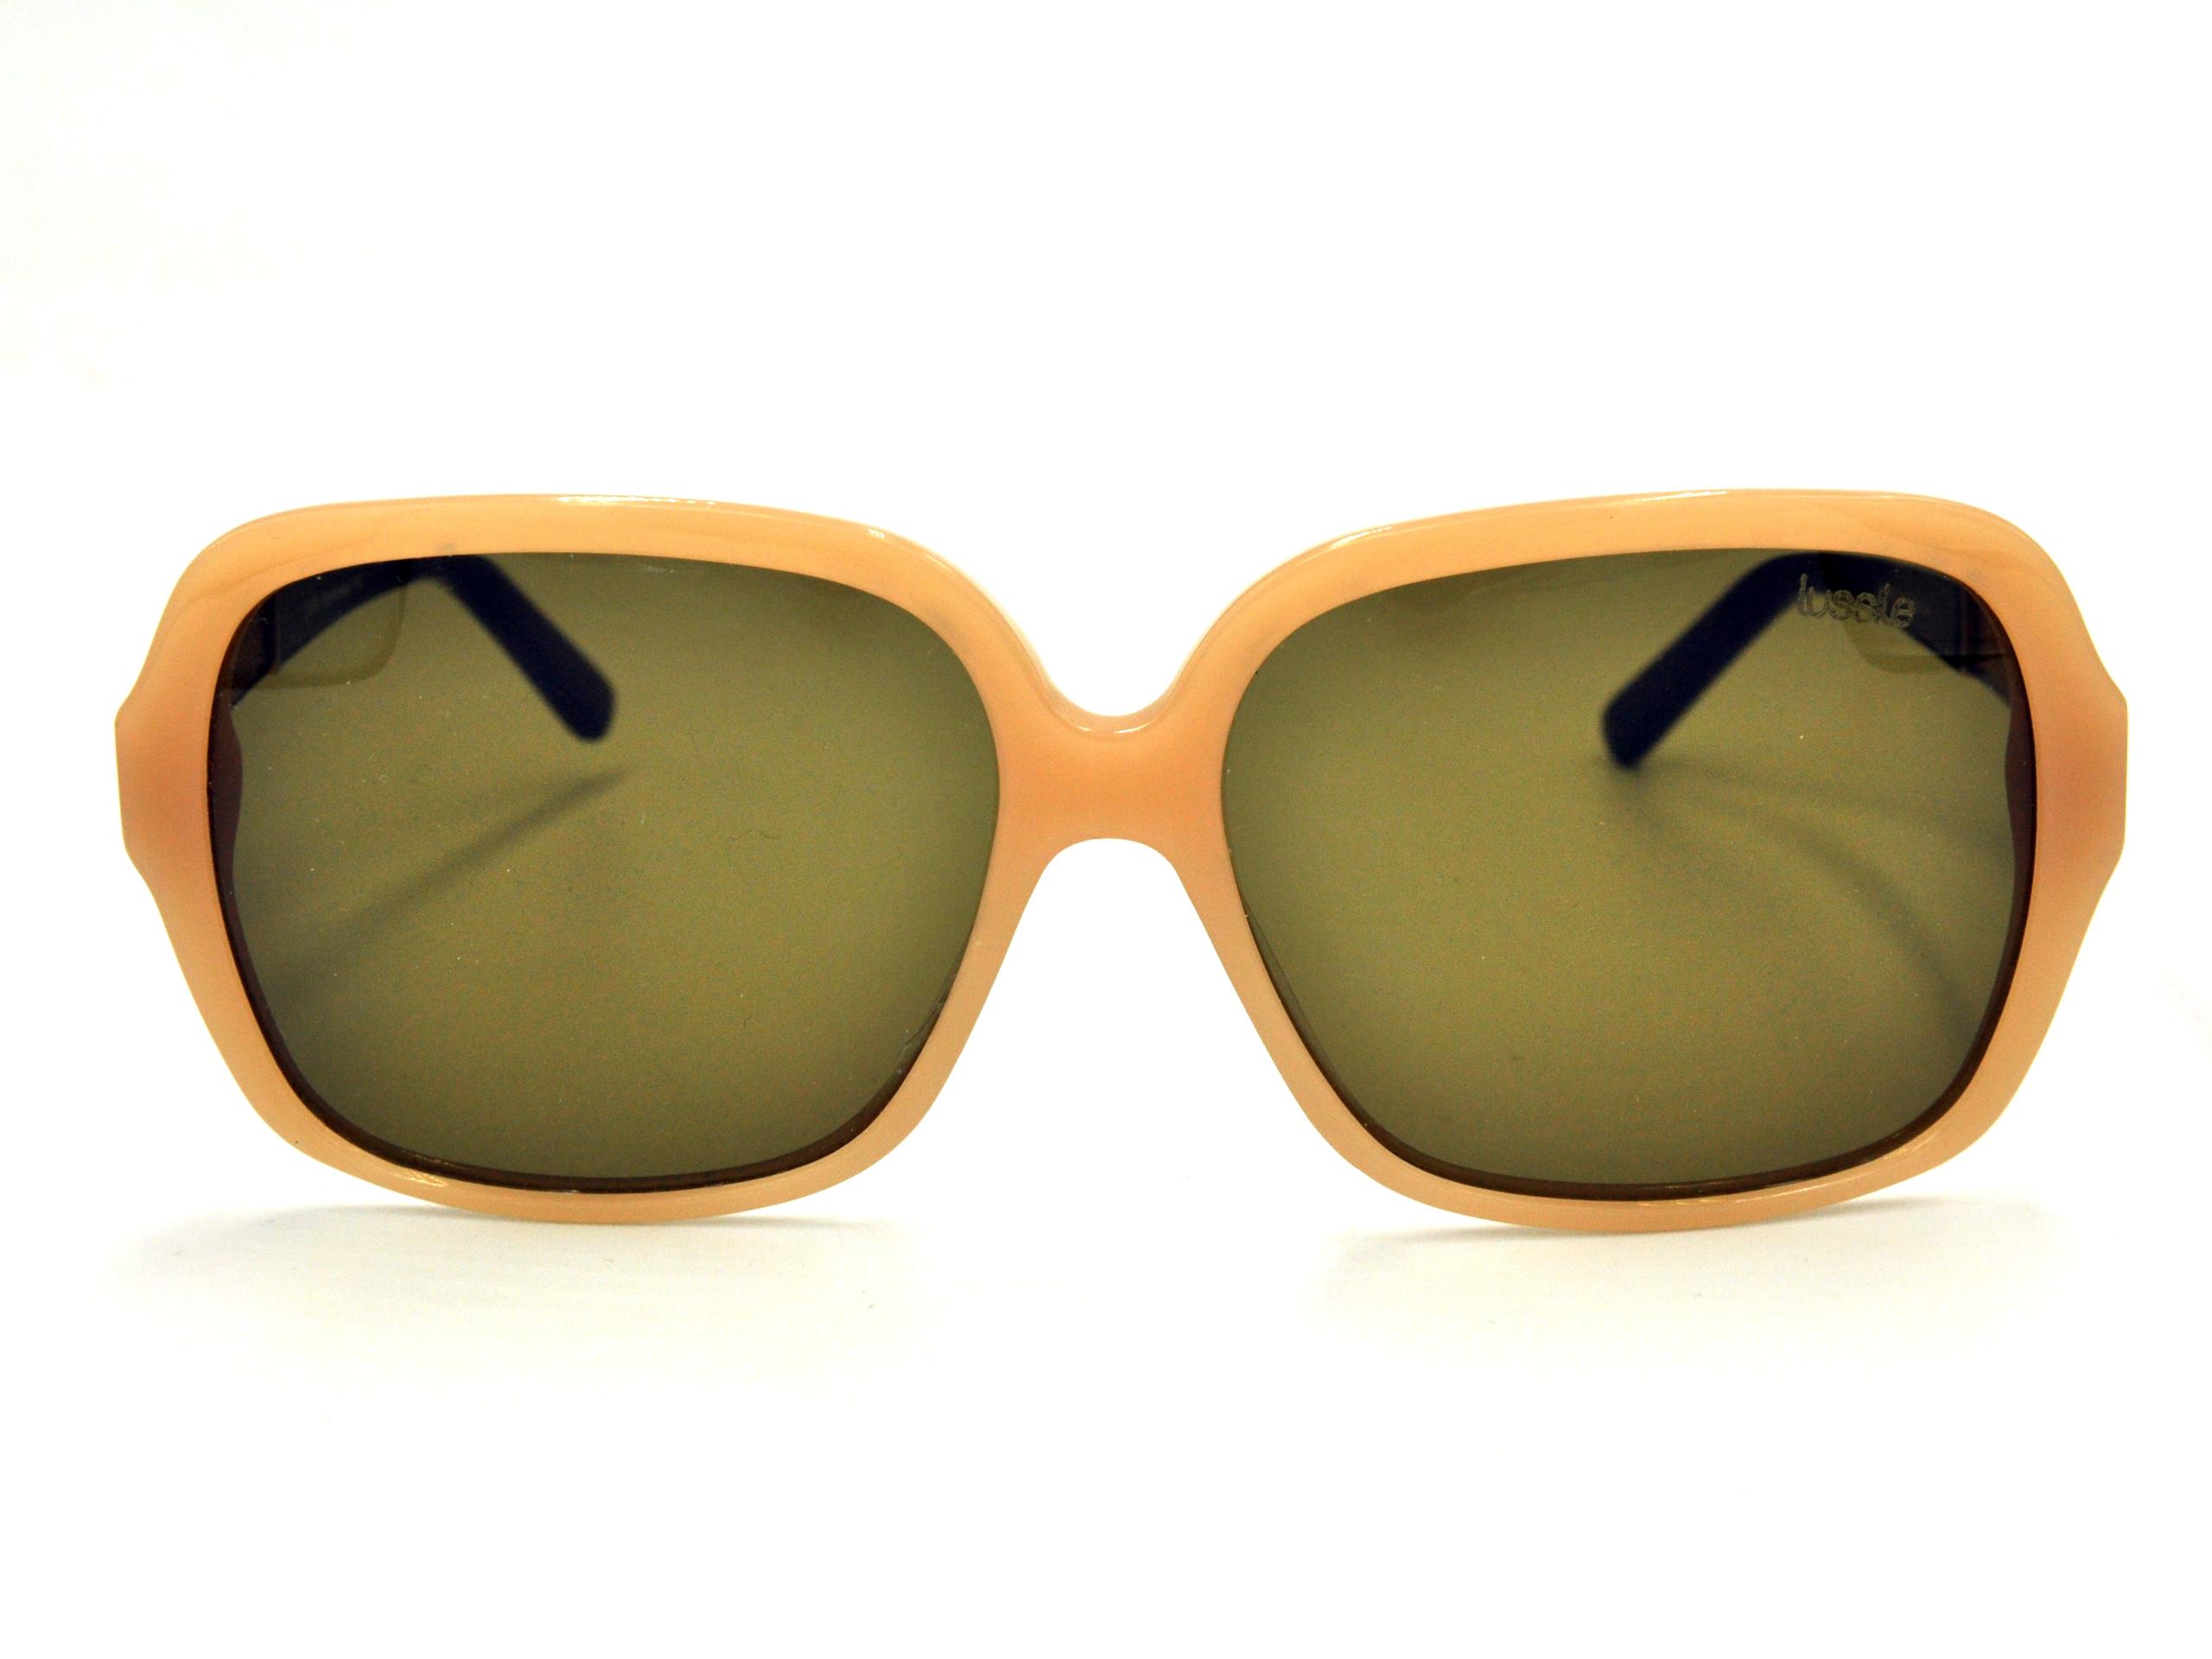 Γυαλιά ηλίου LUSSILE LS31267 LM07 58-14-141 Πειραιάς